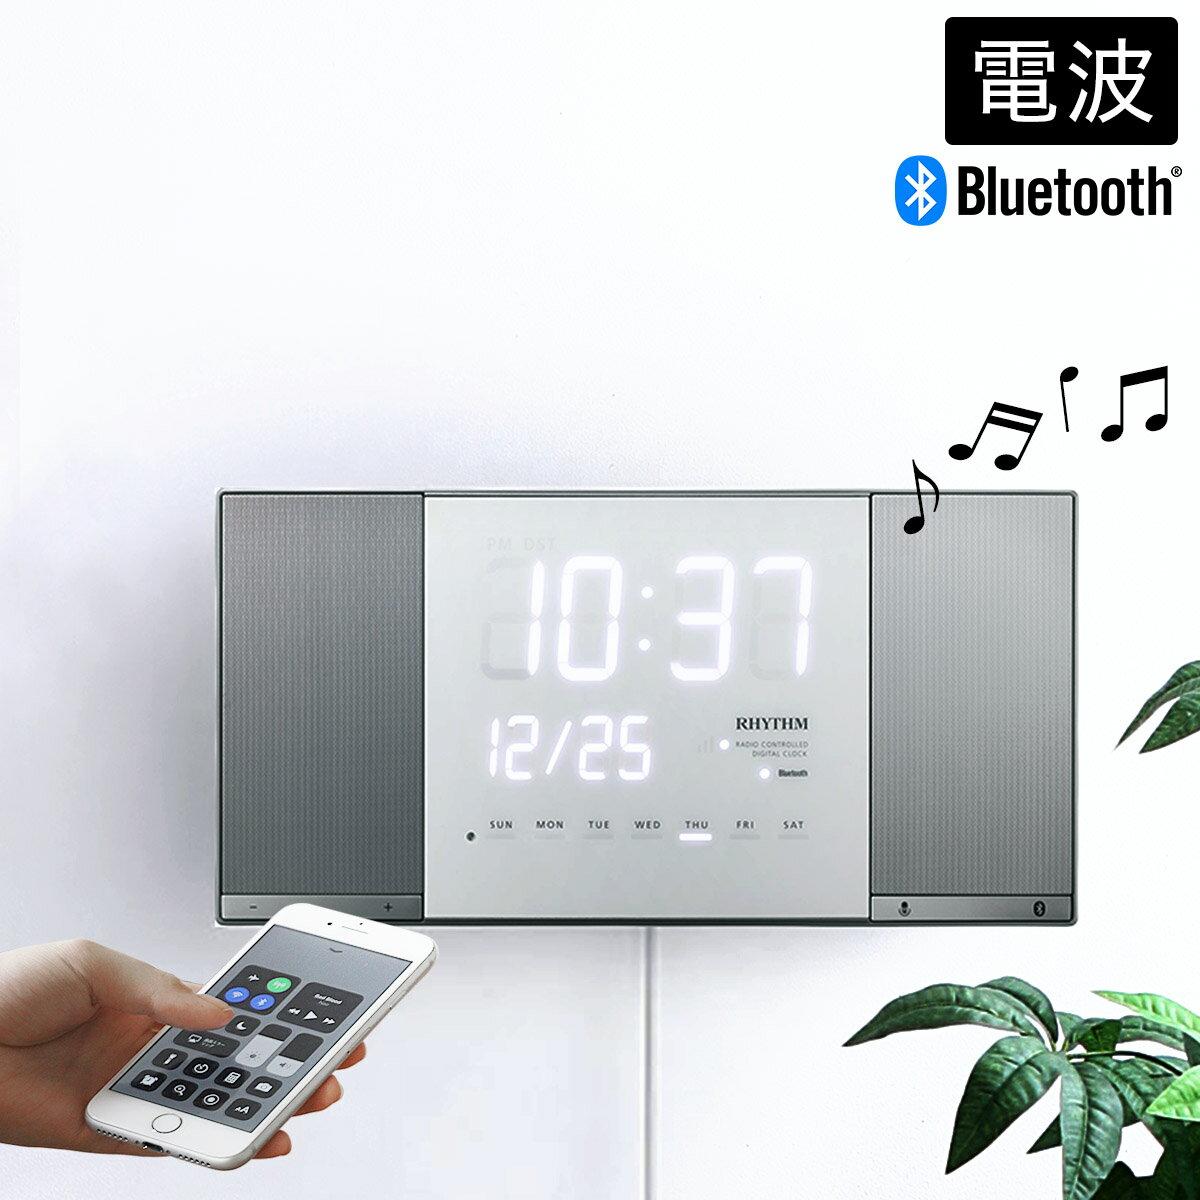 トキオト tokioto2 電波時計 スピーカー